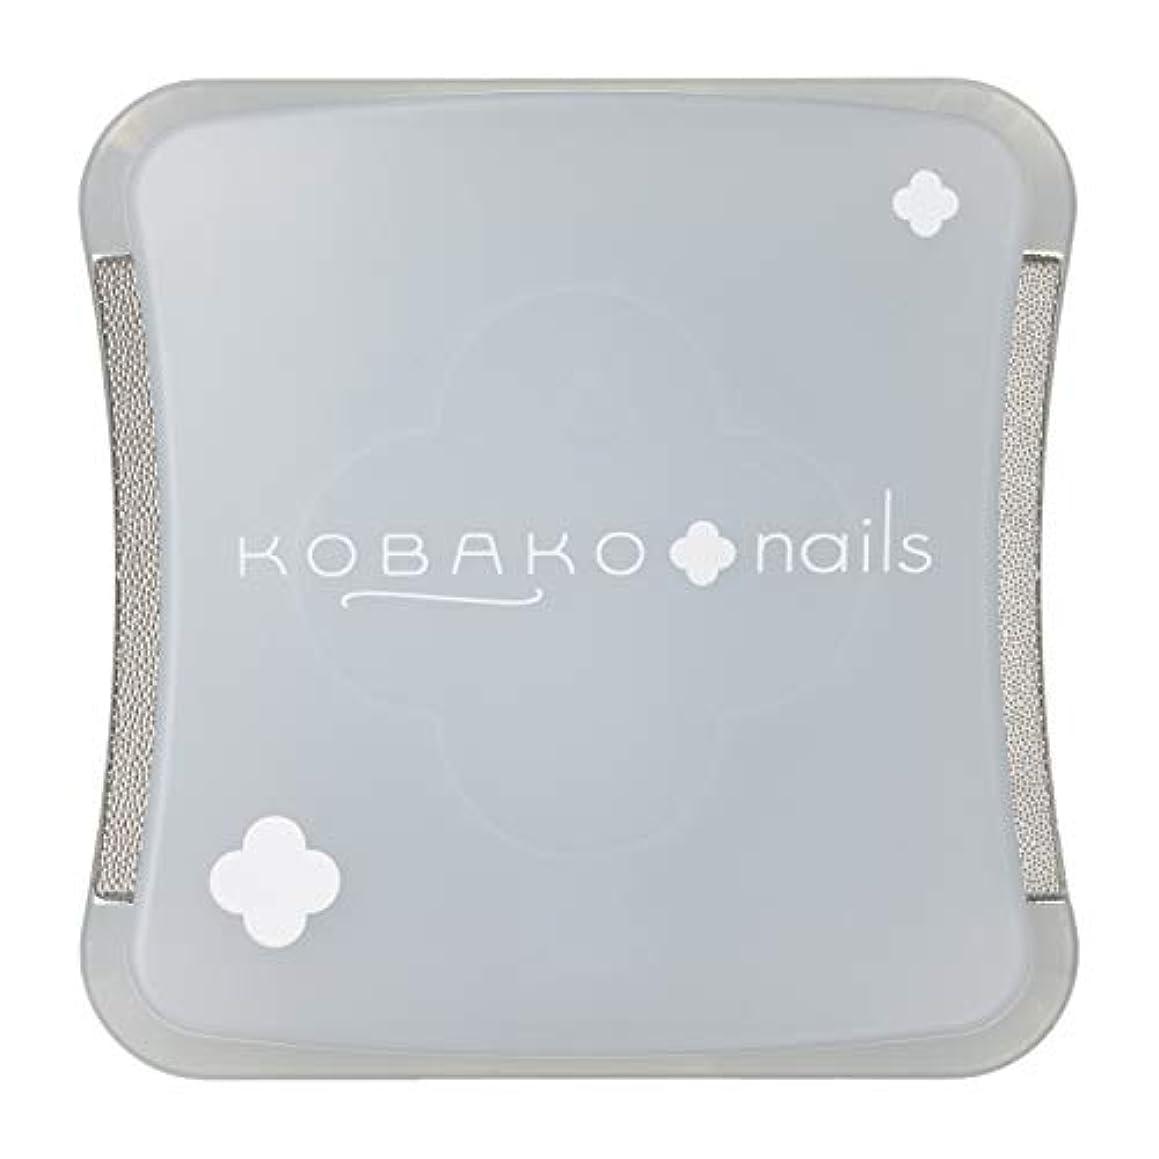 十二同様に大事にするKOBAKO(コバコ) コンパクトネイルファイル